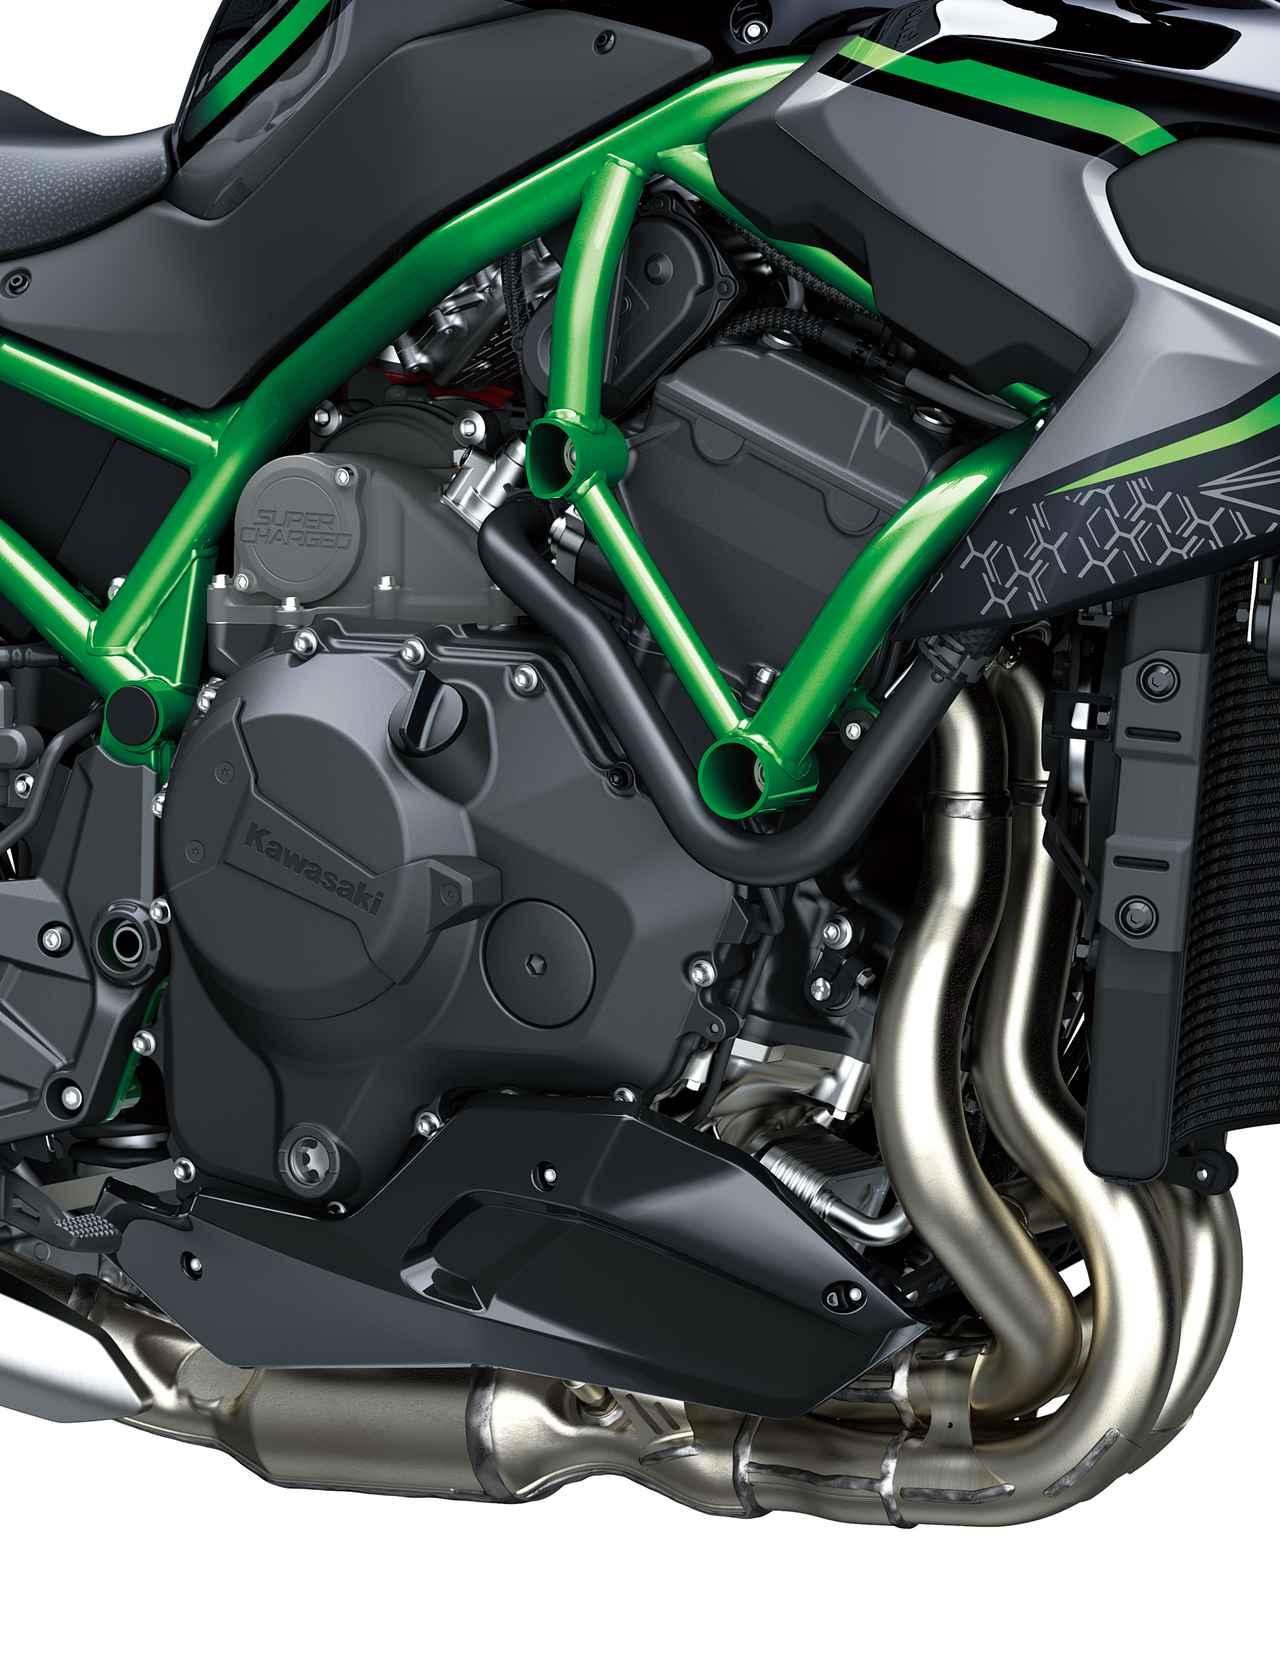 画像5: スーパーチャージドエンジンを搭載したネイキッドモデル、最高出力は200馬力!